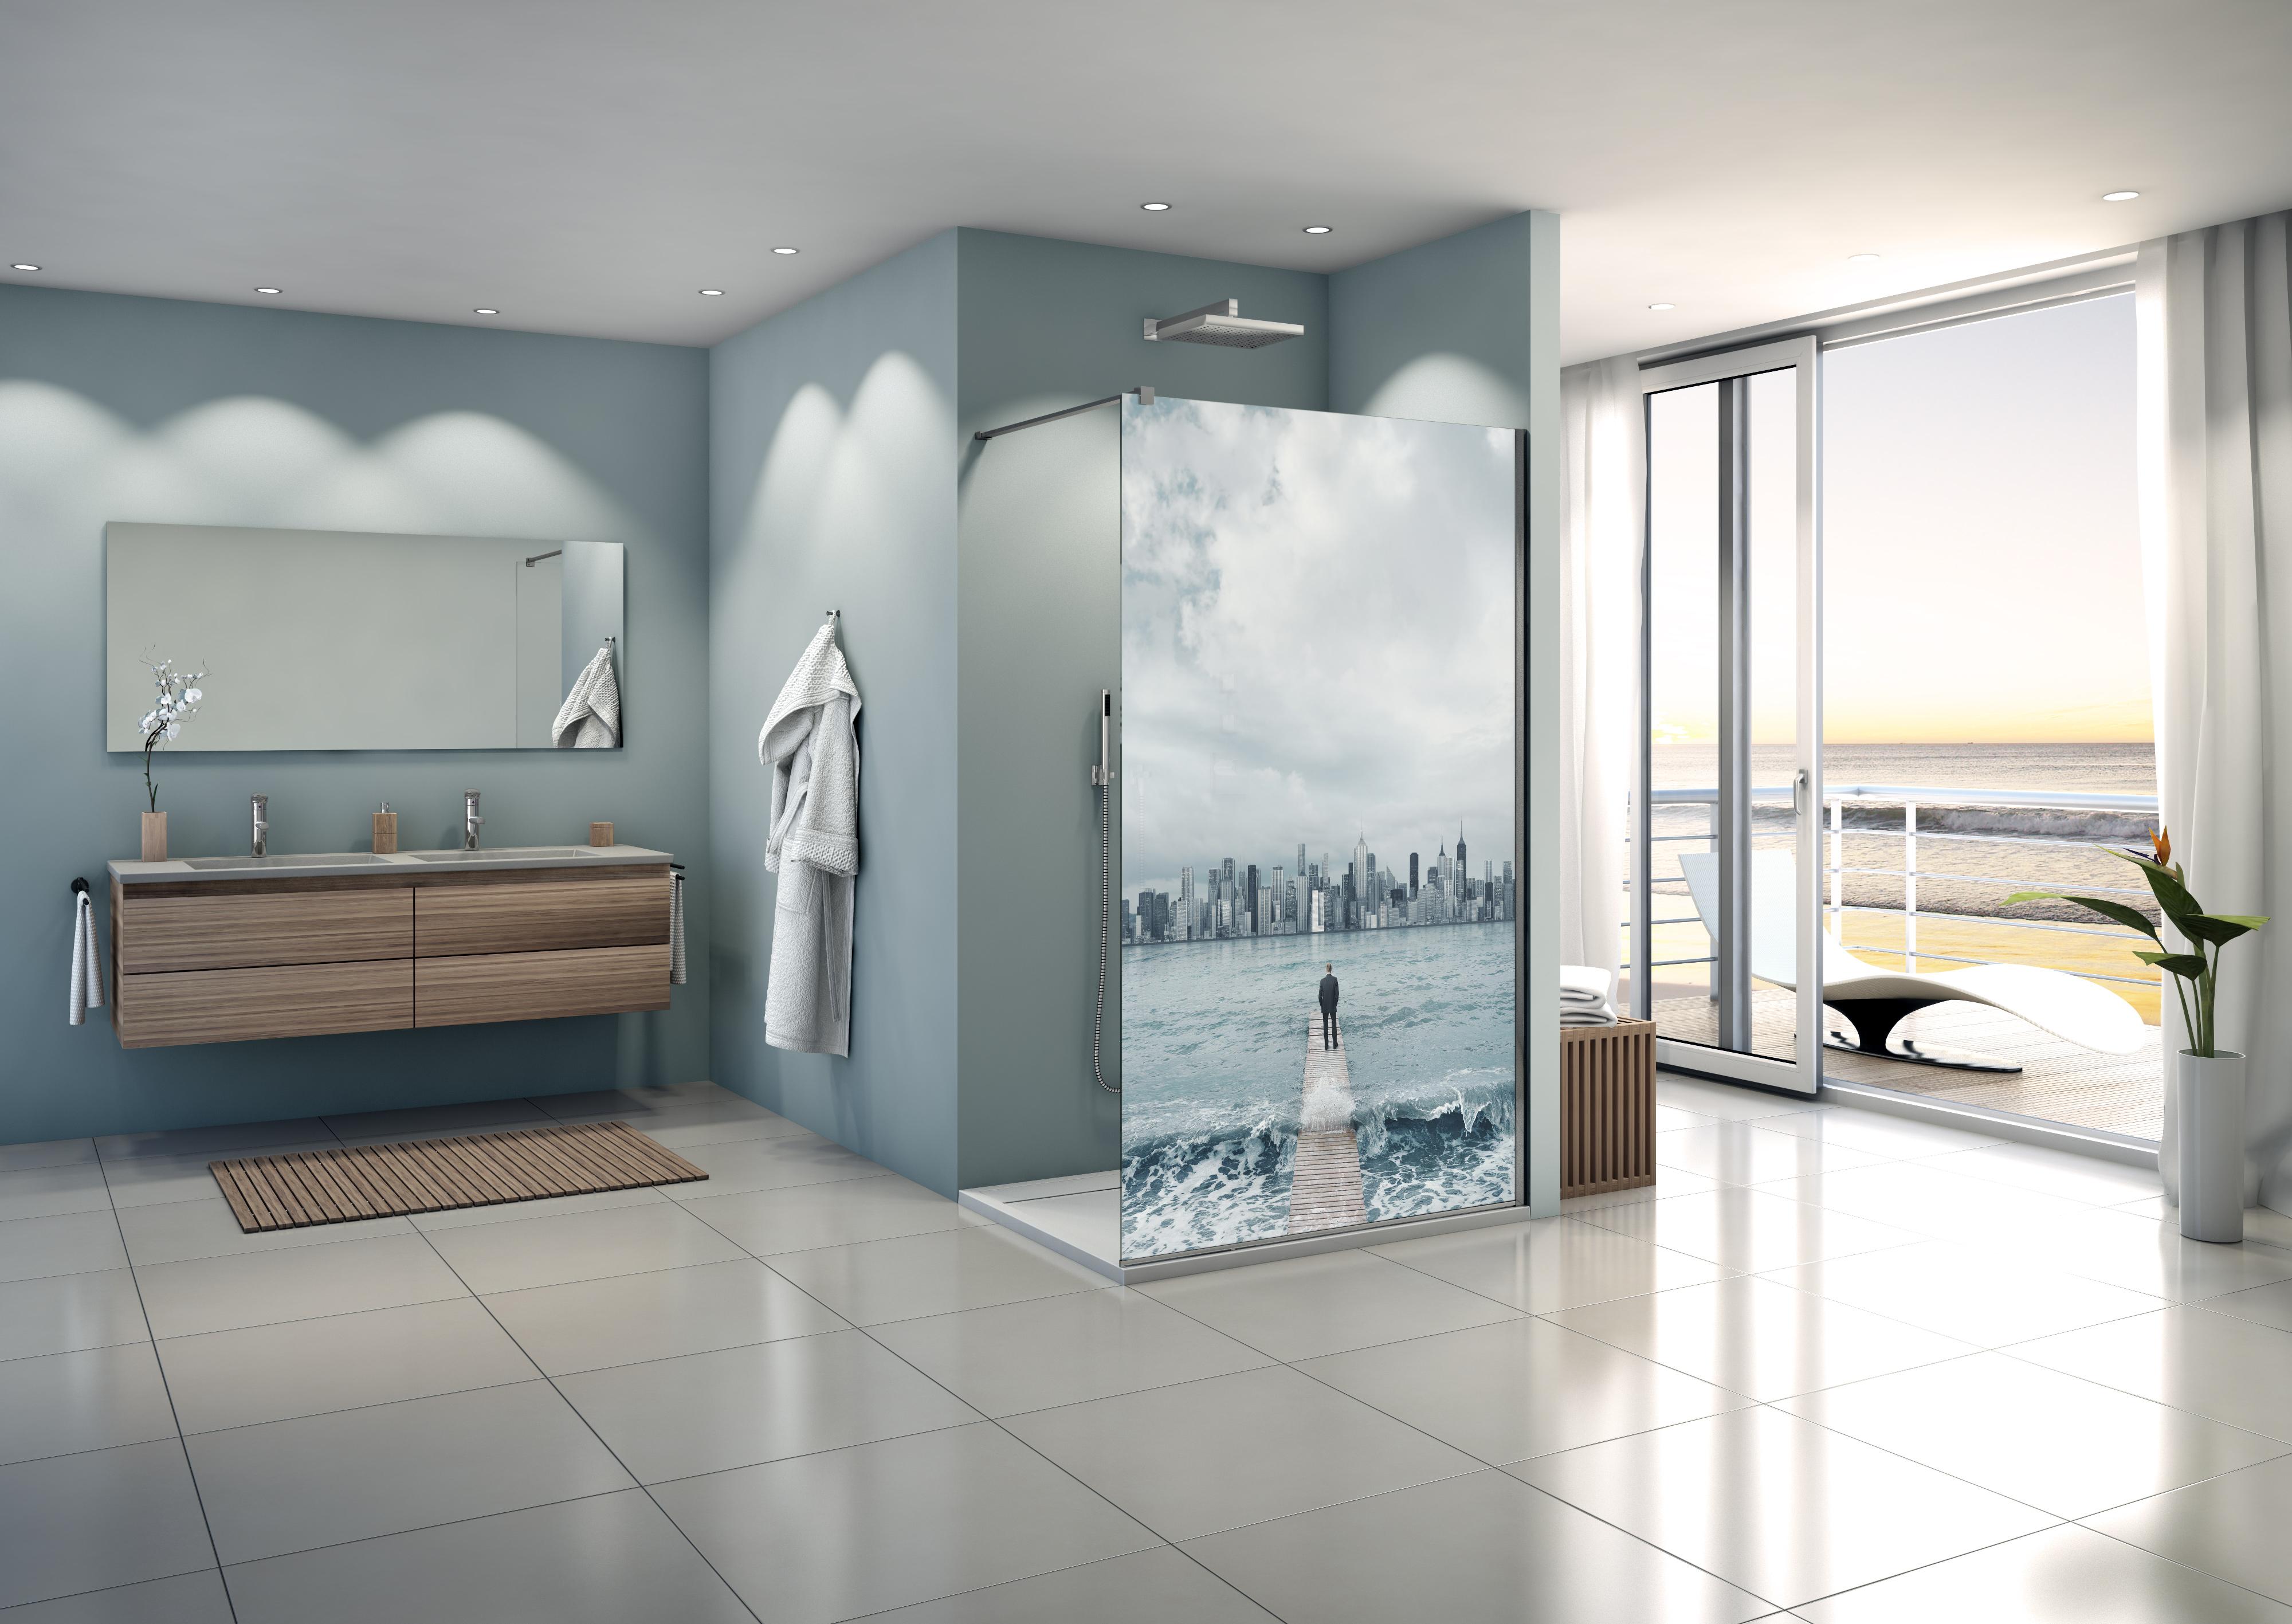 presse ihr spezialist f r duschkabinen duschen und badm bel. Black Bedroom Furniture Sets. Home Design Ideas